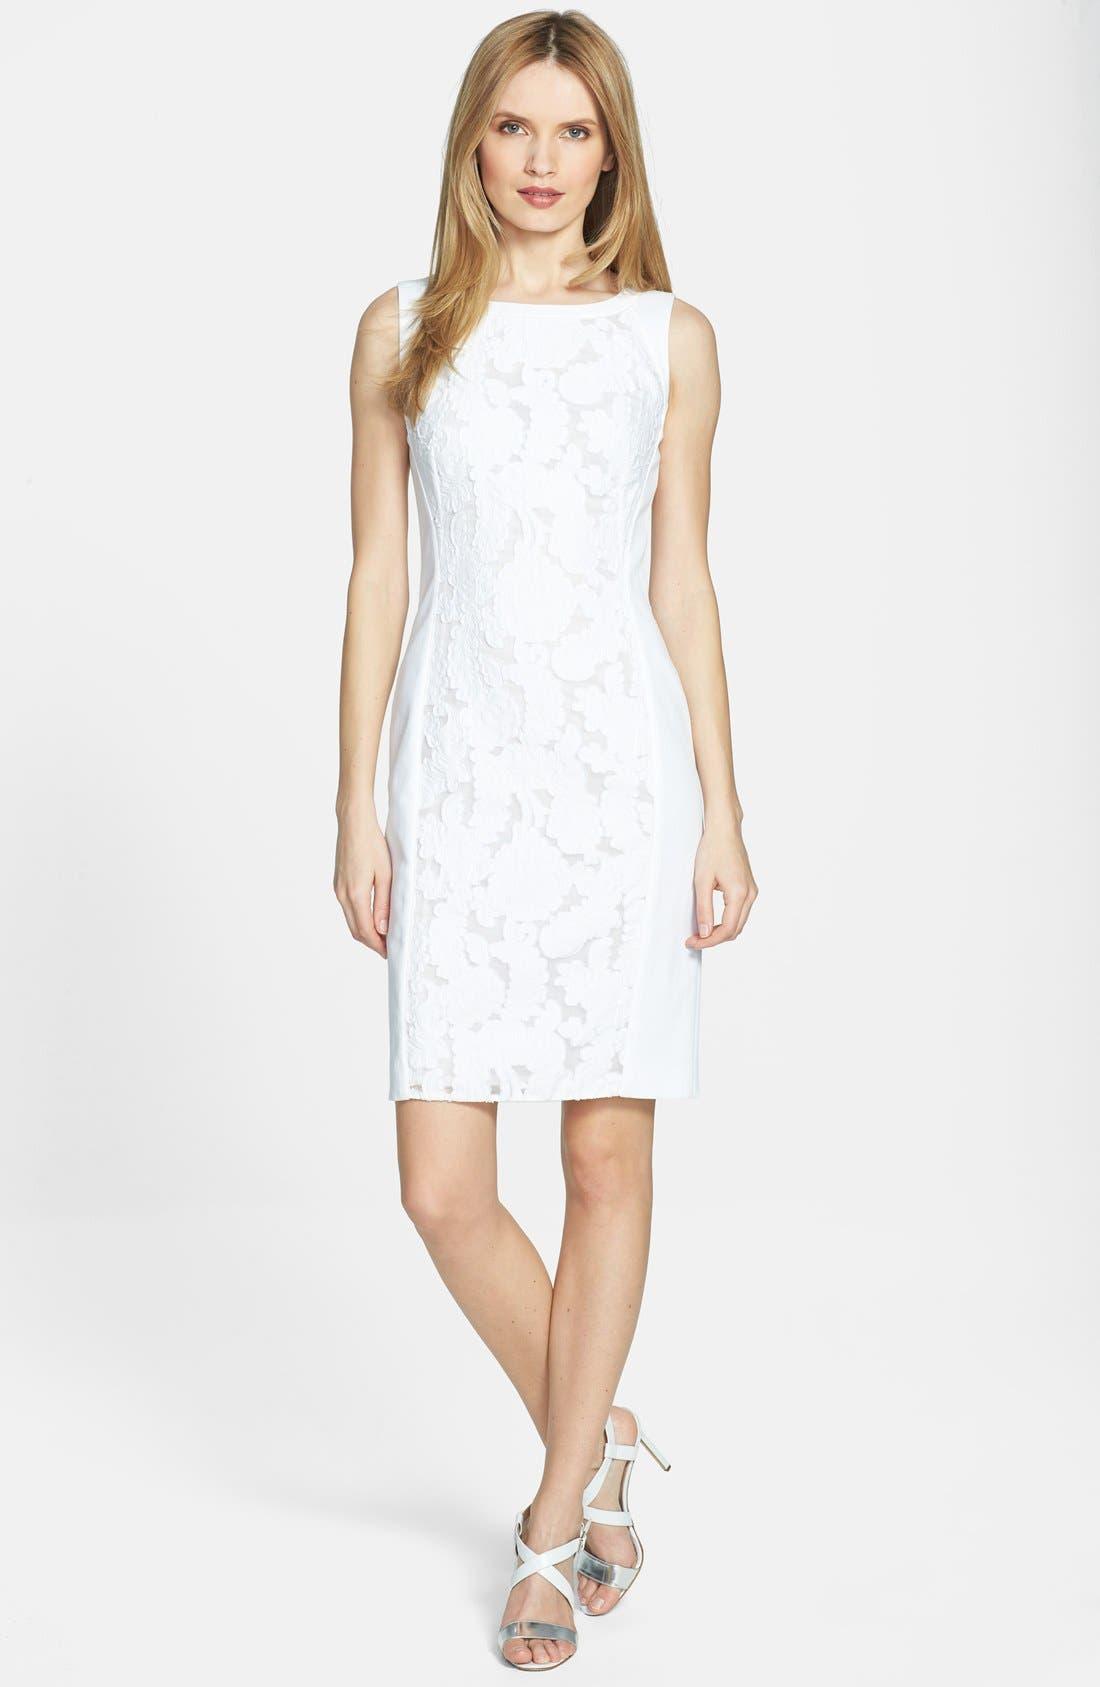 Alternate Image 1 Selected - BOSS HUGO BOSS 'Dijasin' Sleeveless Sheath Dress